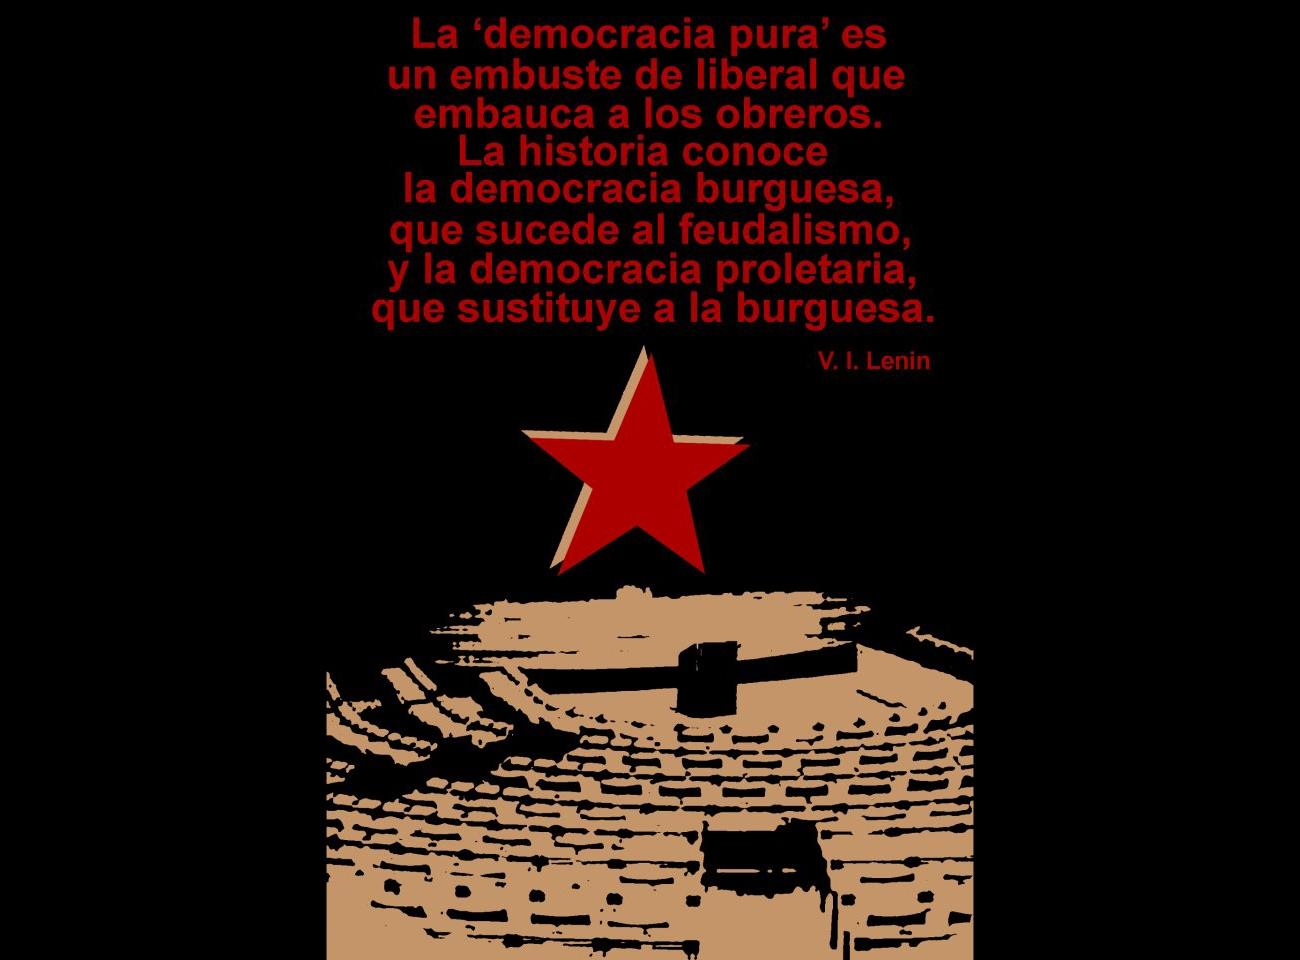 La creencia general es que en estas elecciones por fin se acabará con el bipartidismo y por lo tanto el poder estará más repartido, con lo cual habrá más democracia.…